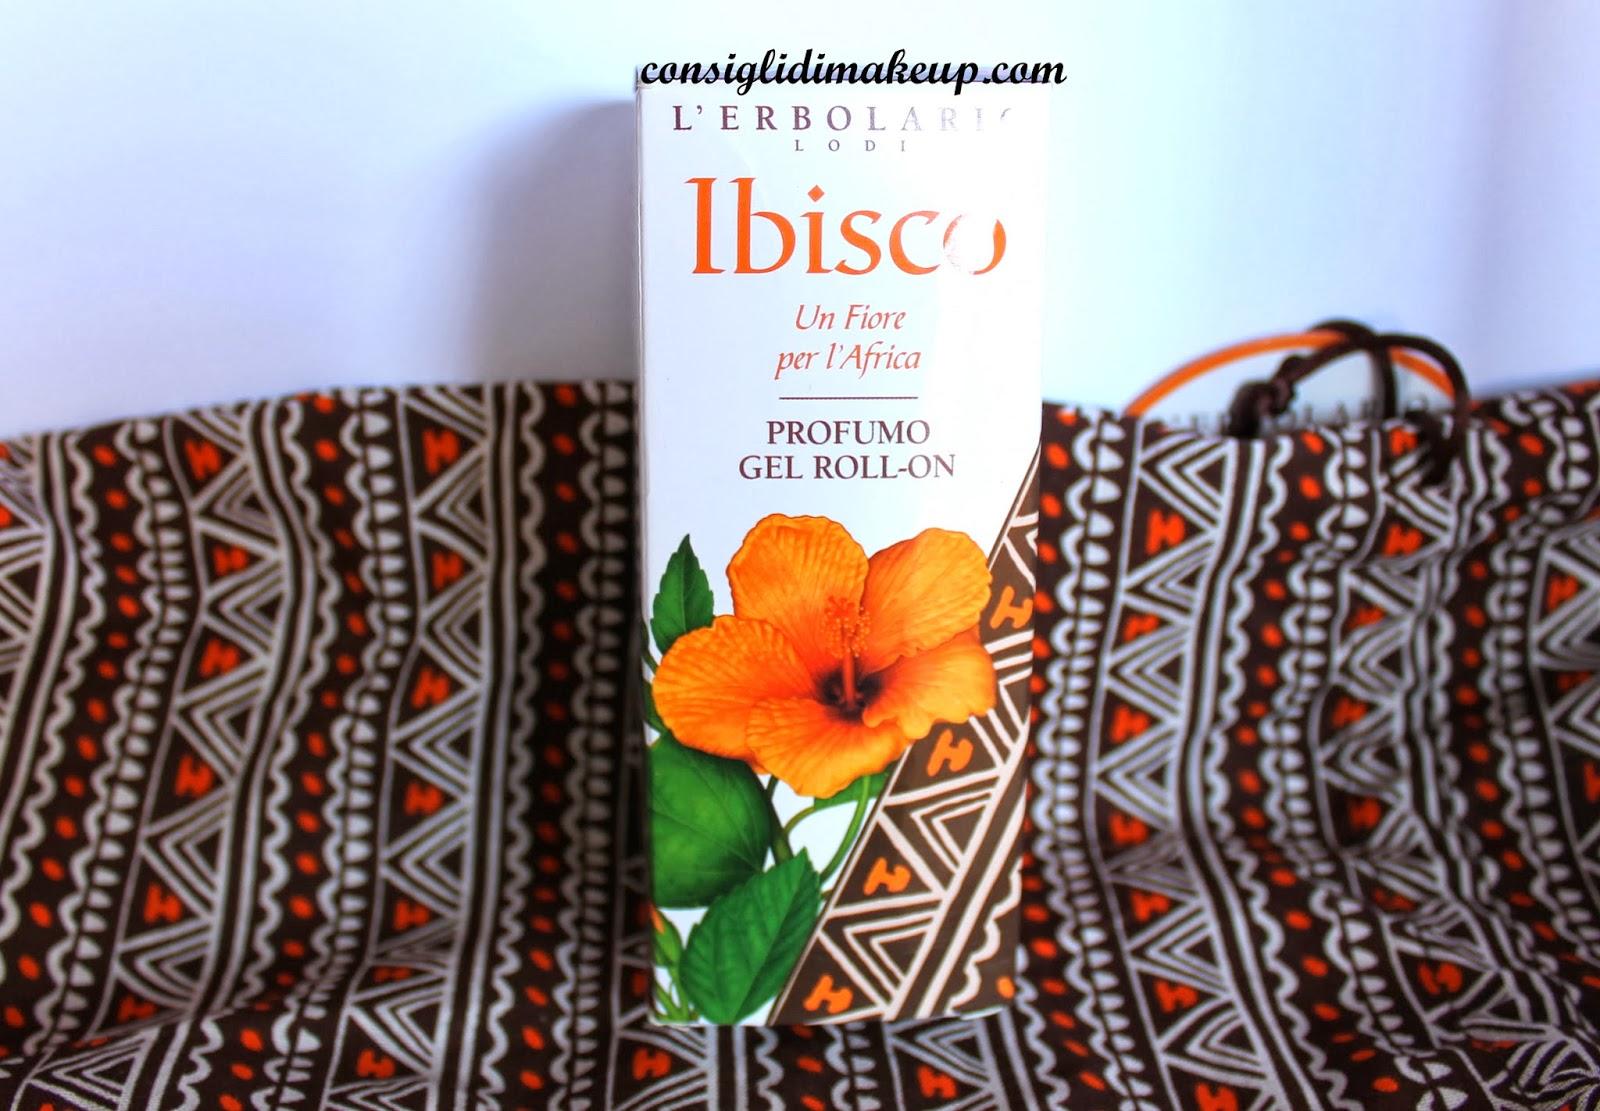 Review: Ibisco, un fiore per l'Africa Profumo gel roll on